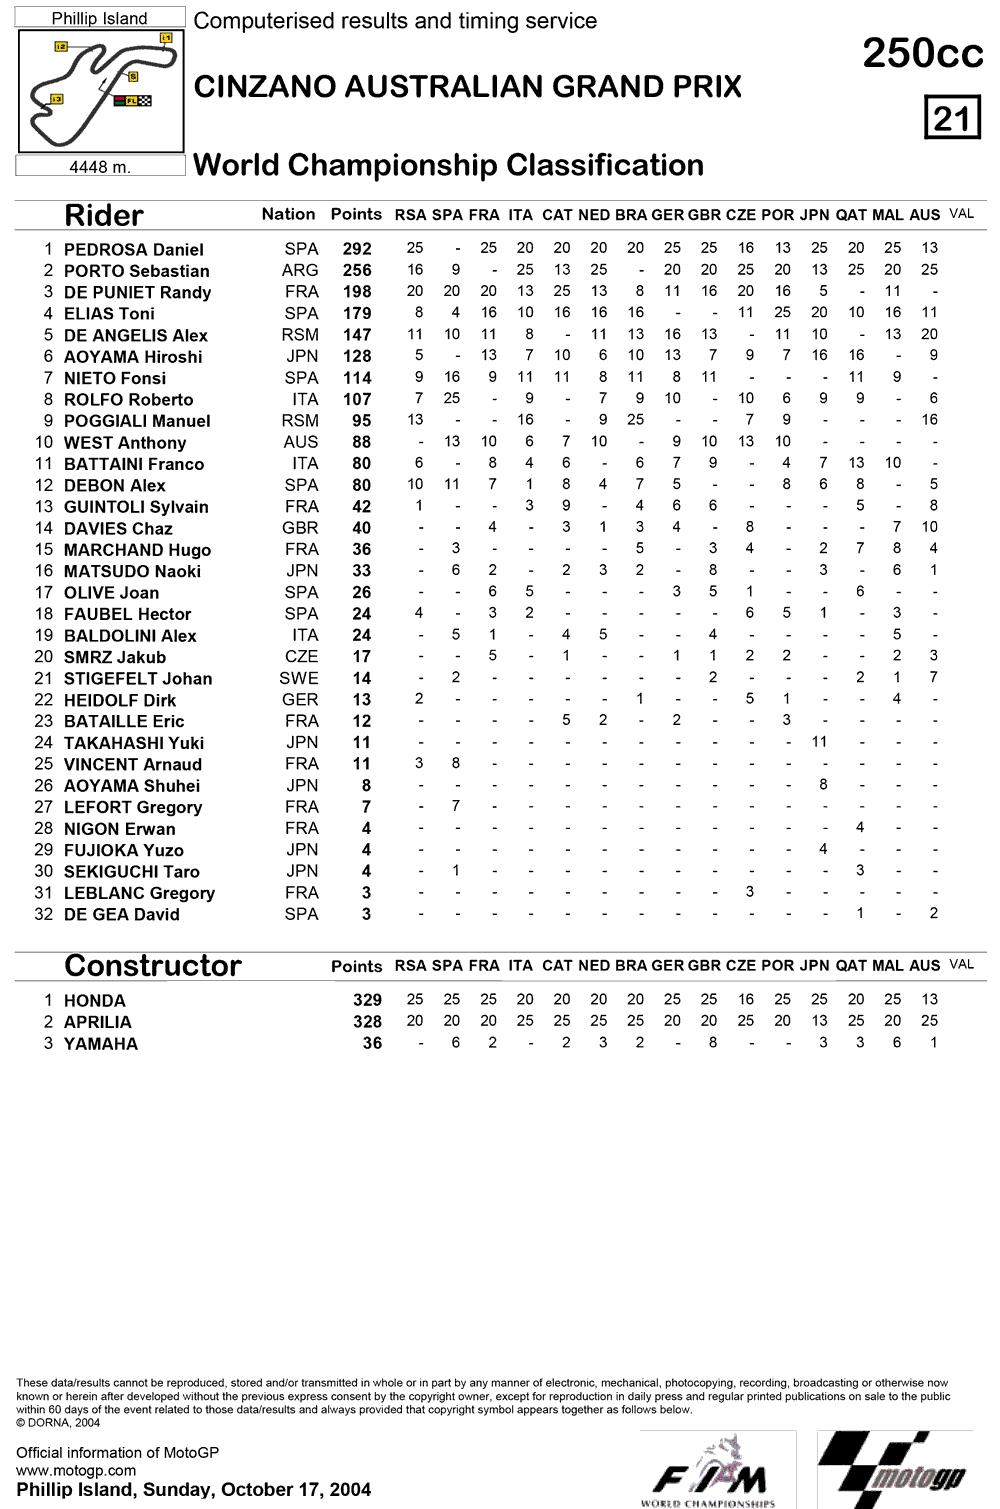 Позиции в чемпионате после пятнадцатой гонки 250cc Гран-При Австралии 2004